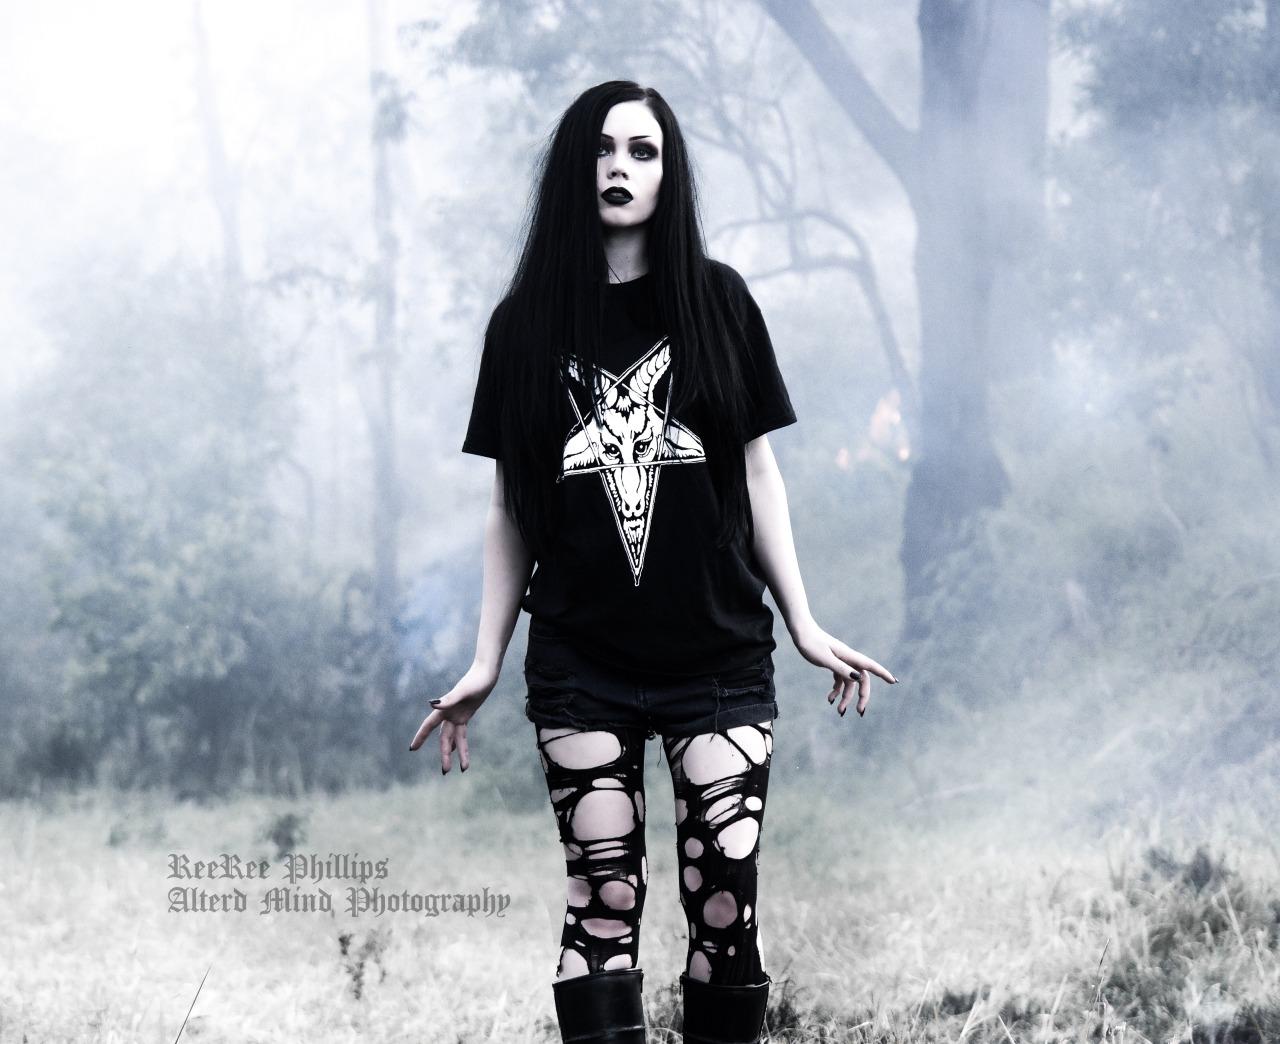 хотим, чтобы фото в стиле блэк метал обработка чем приступить